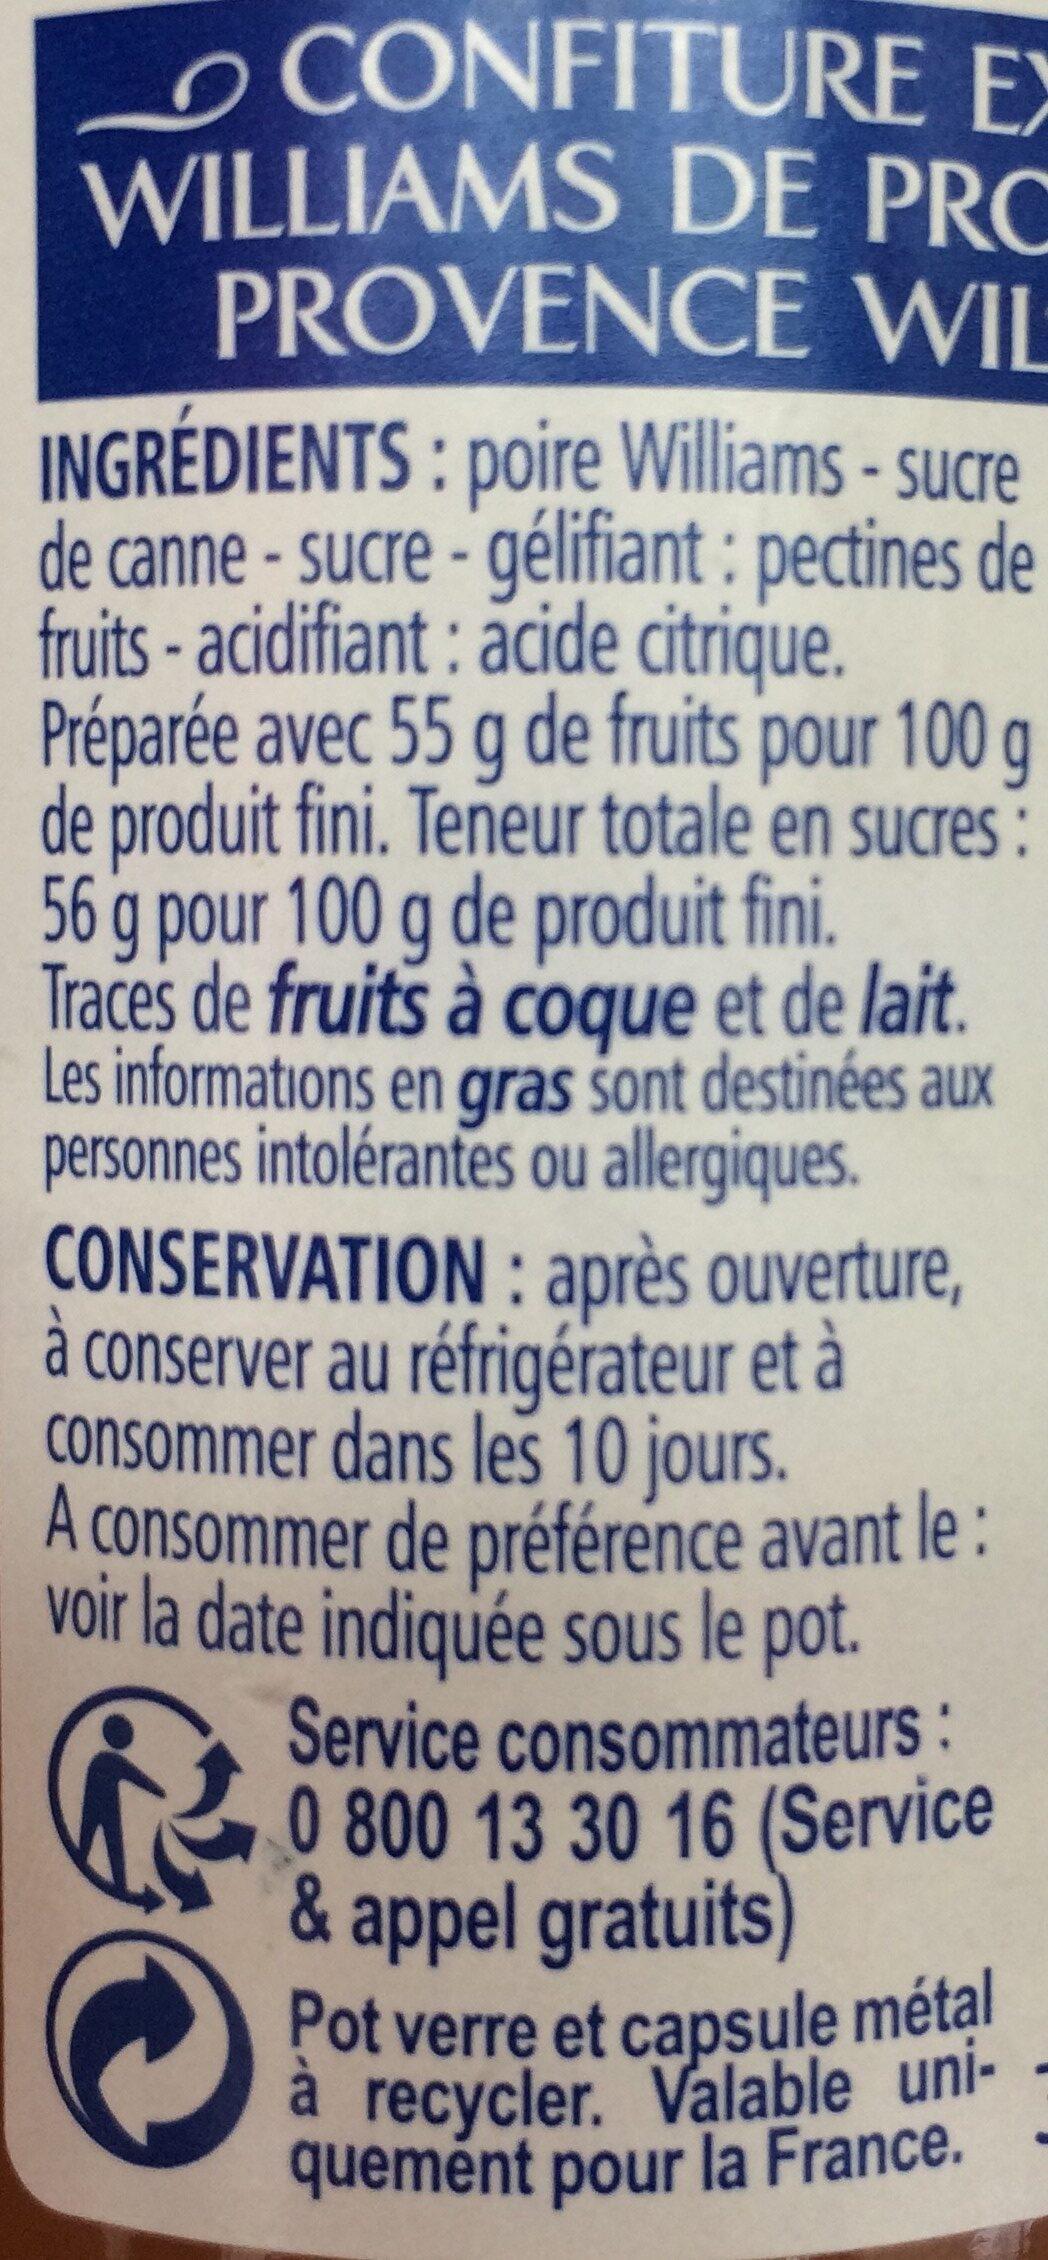 Confiture de Poire williams de Provence - Ingrédients